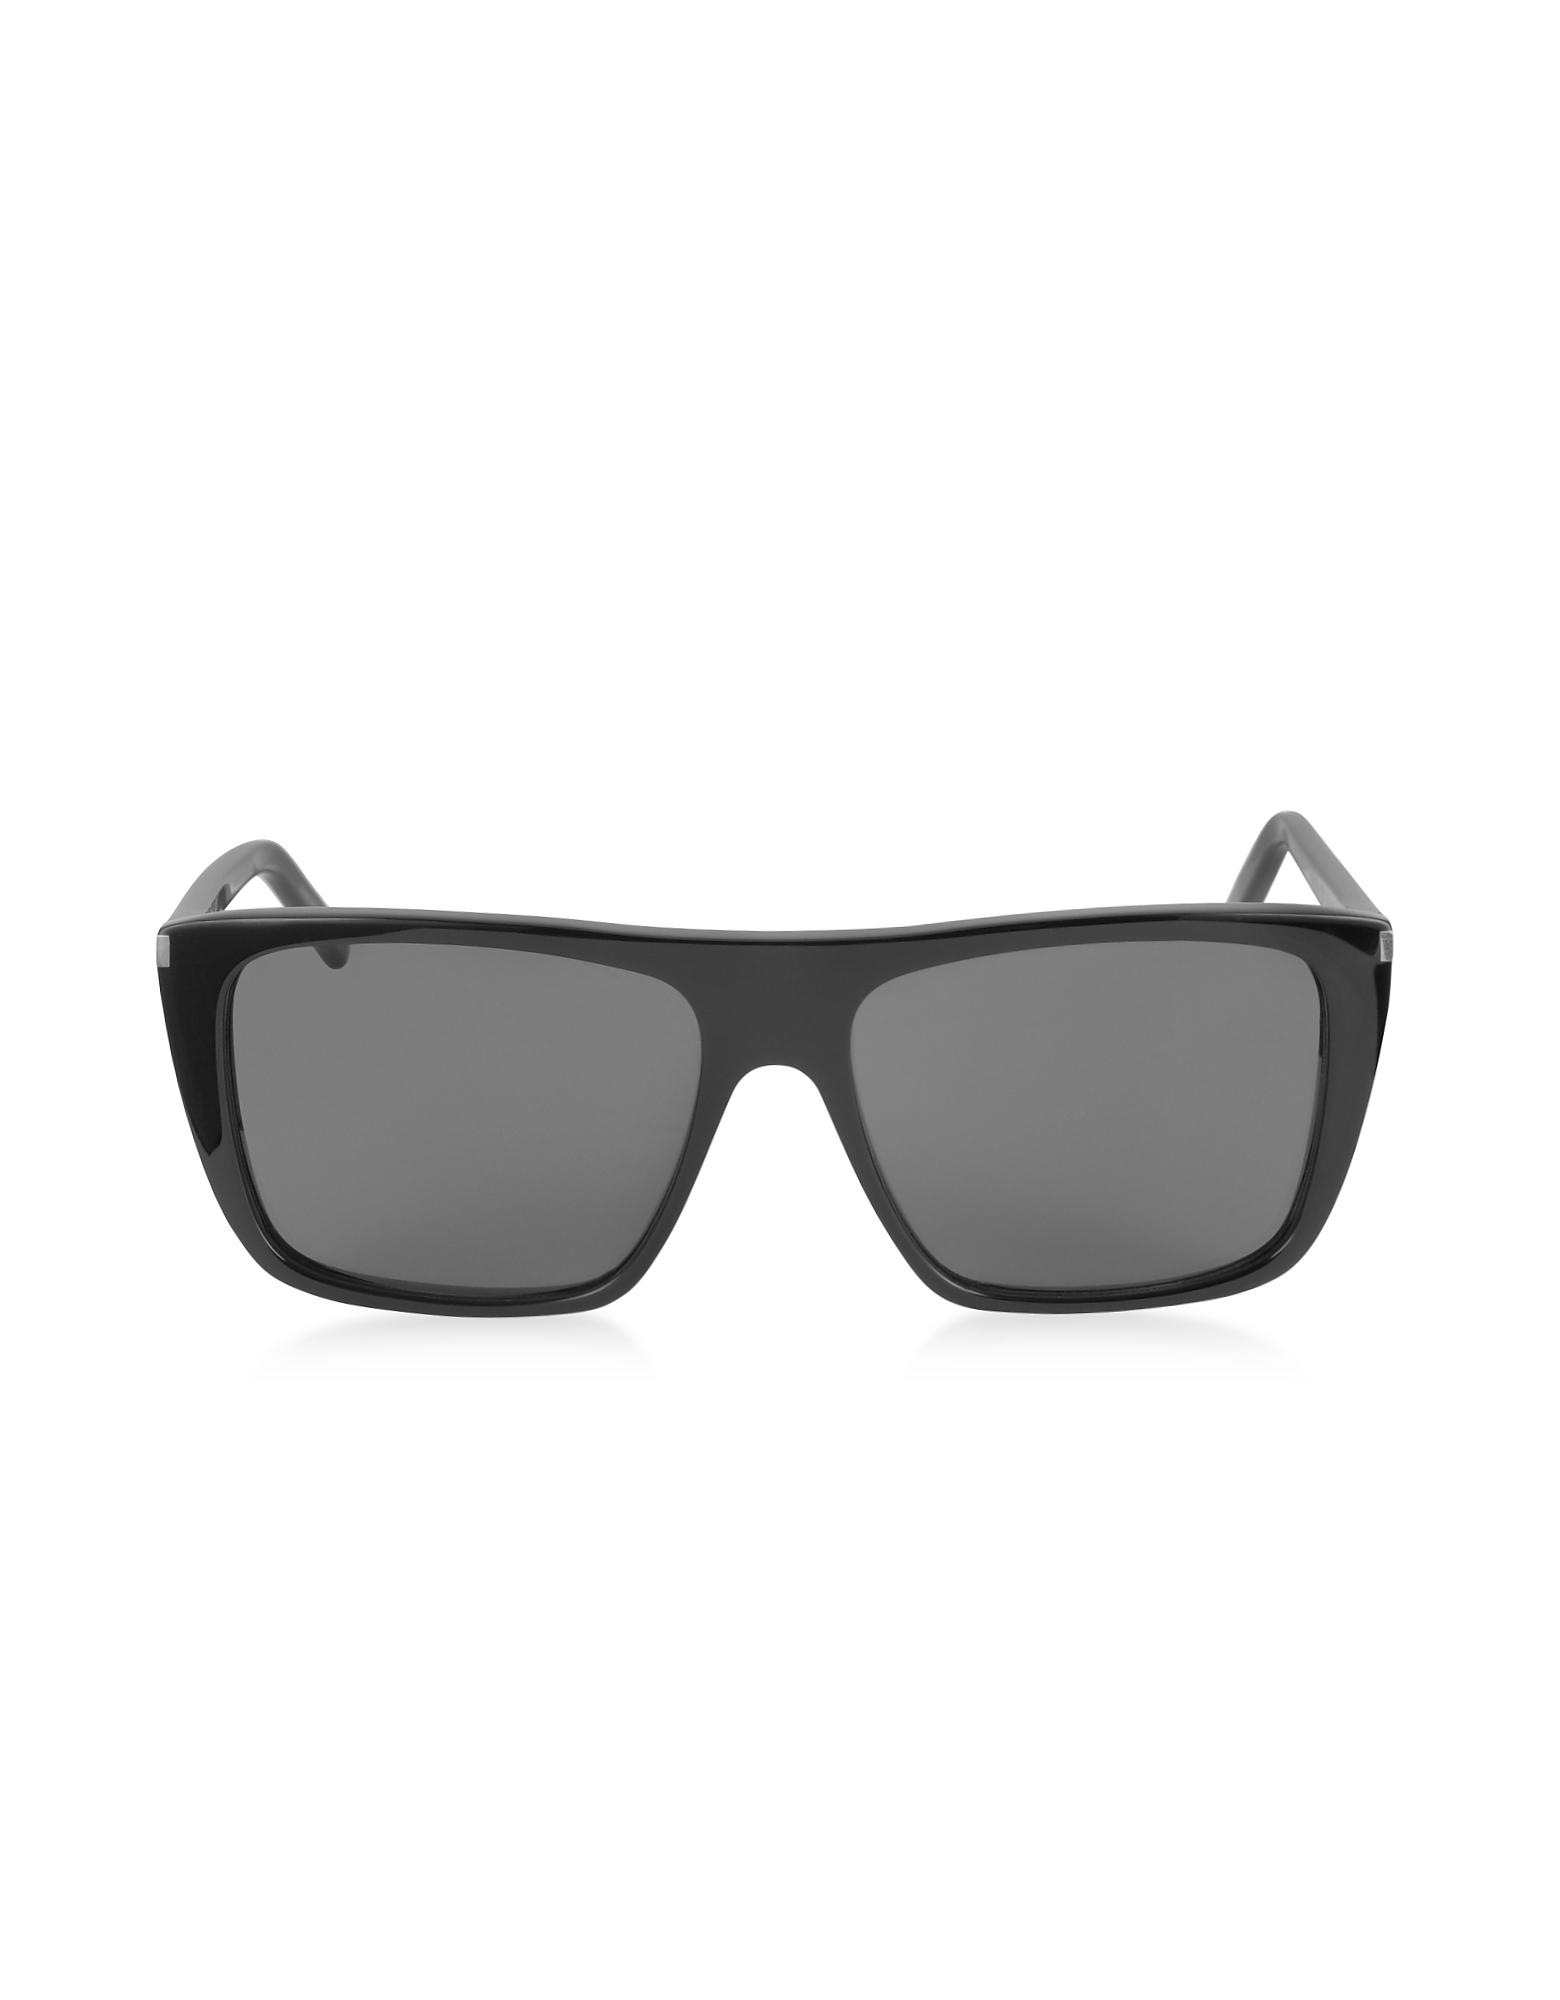 Saint Laurent Sunglasses, SL 156 Acetate Square-Frame Men's Sunglasses